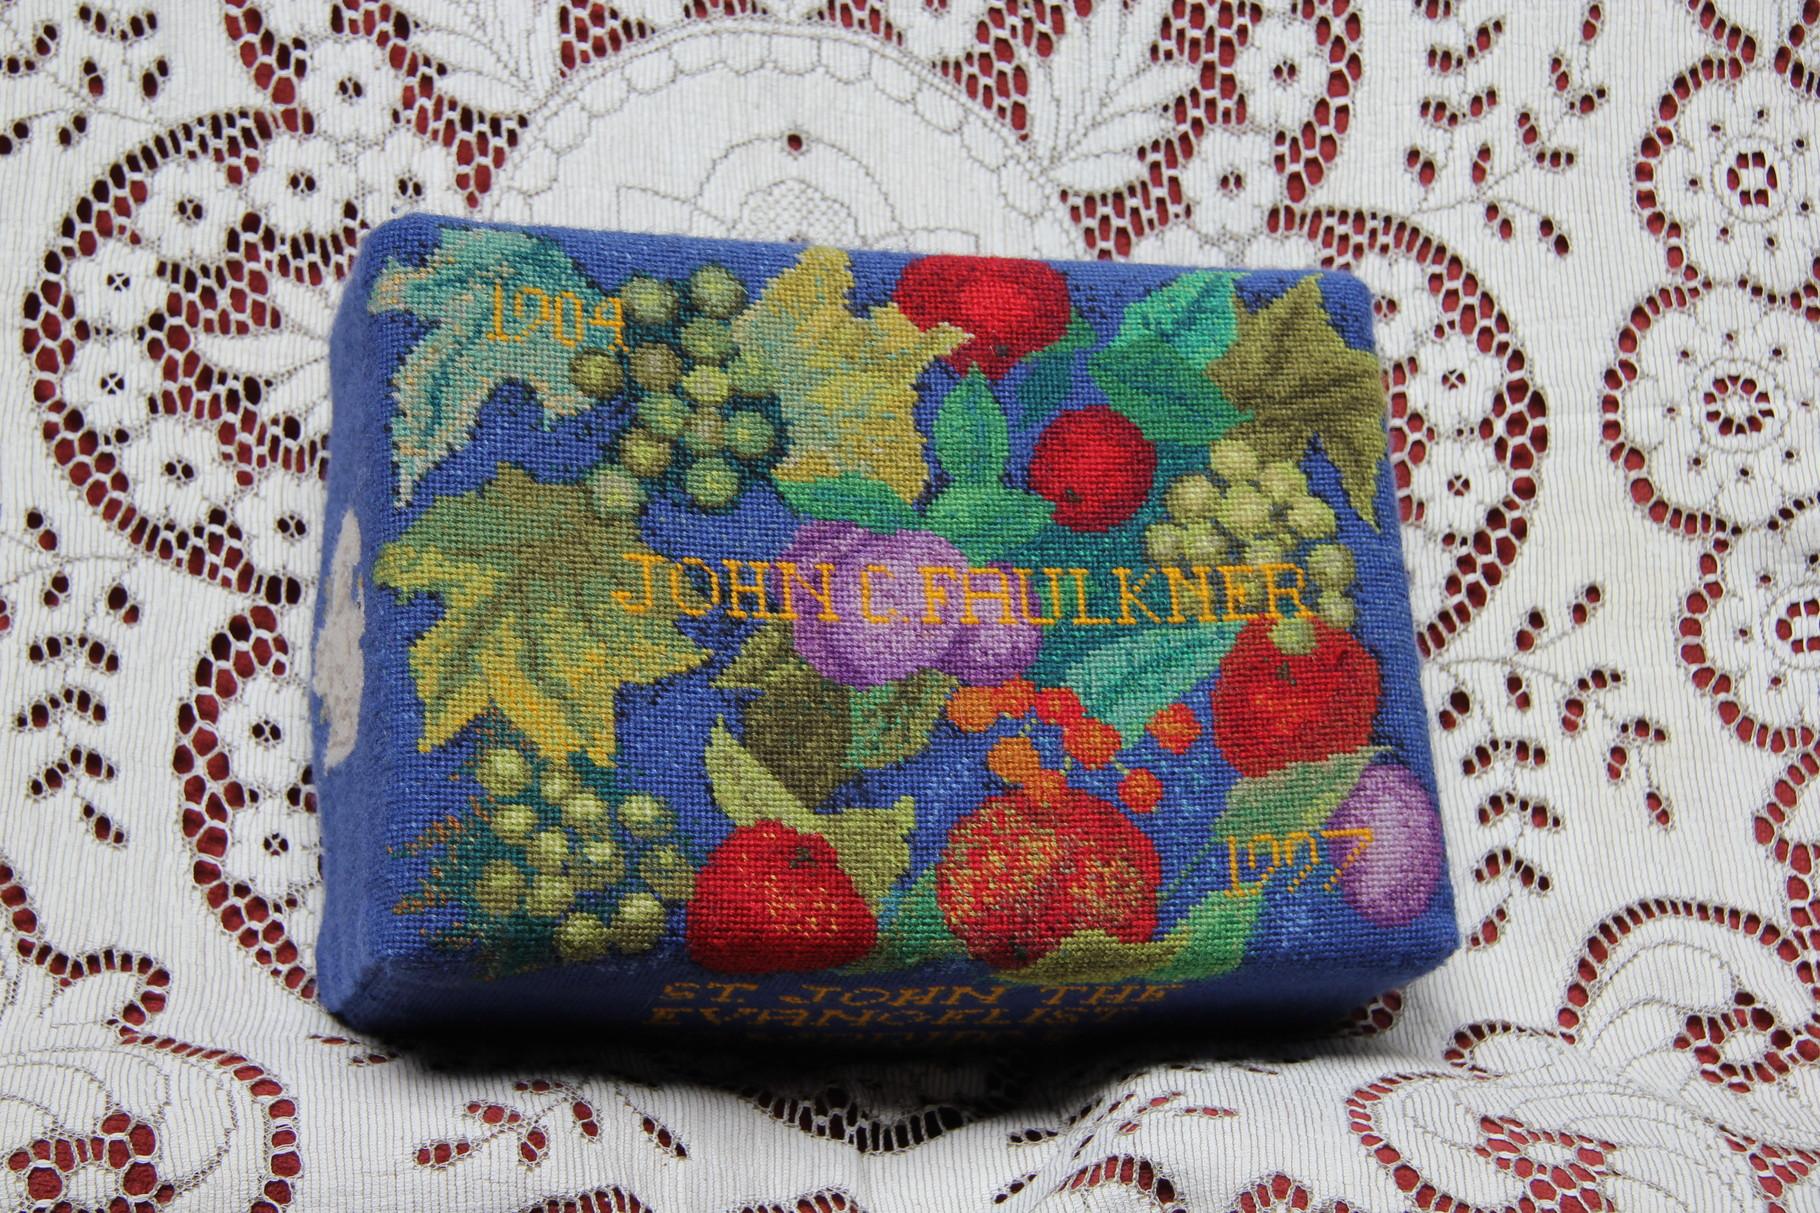 45.  Fruit:  in memory of John C. Faulkner (1909-1997) worked by Joy Barker